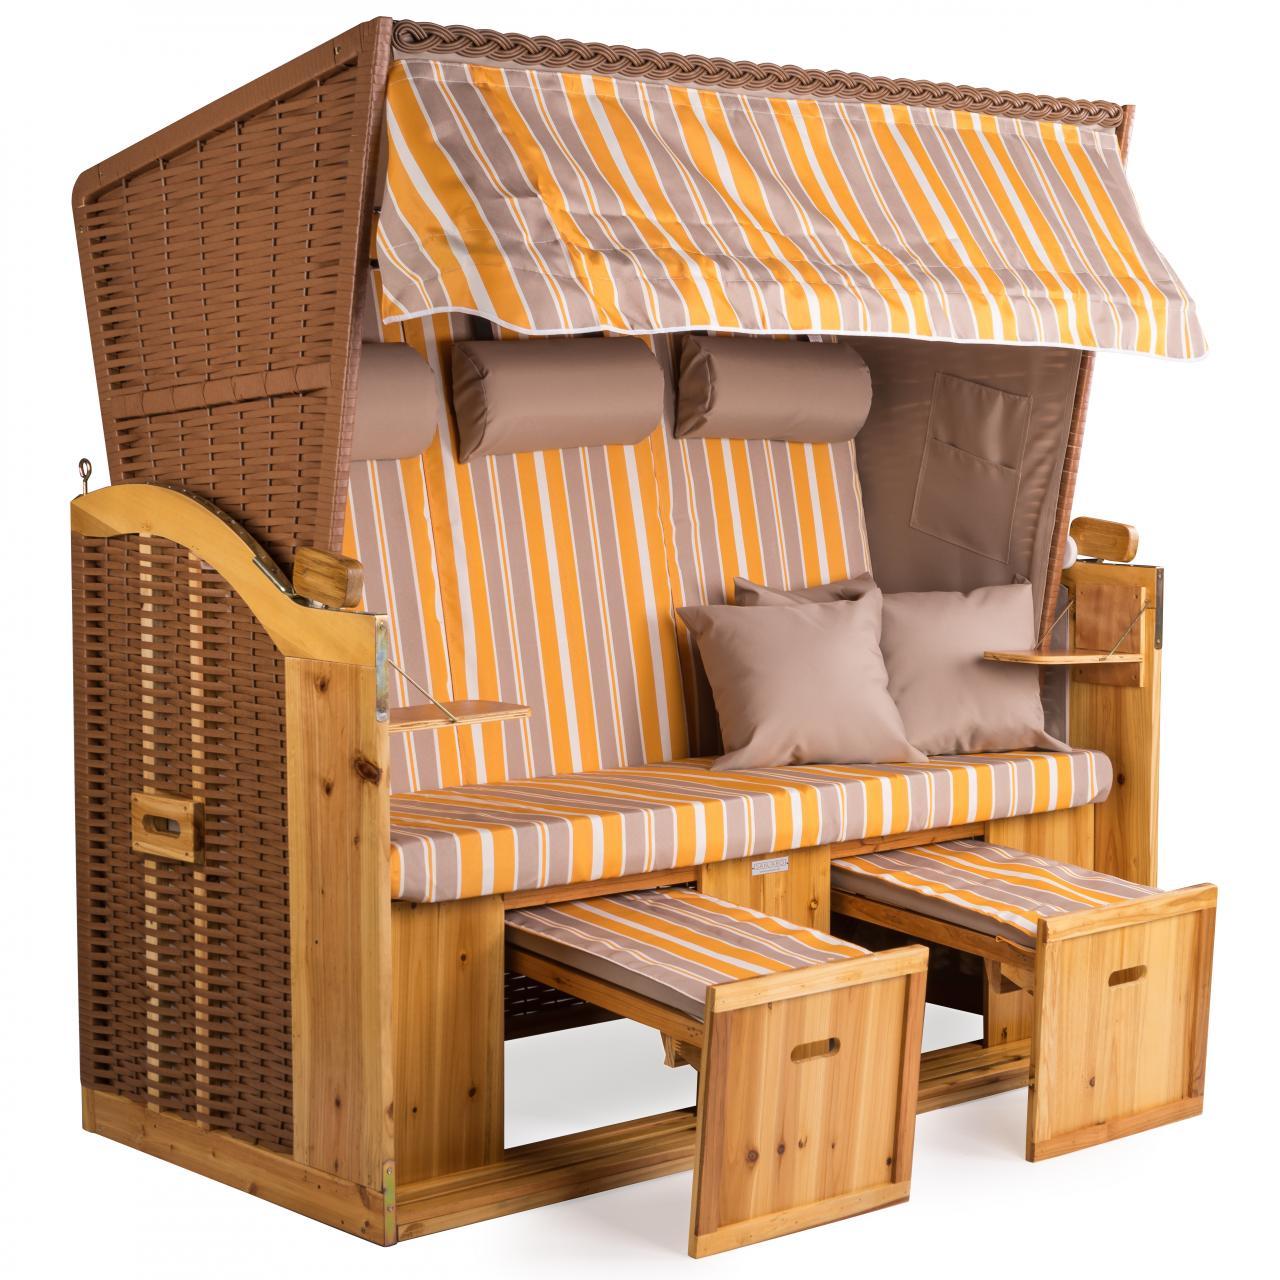 strandkorb xxl deluxe 160cm volllieger gartenliege nordsee gartenm bel vollieger ebay. Black Bedroom Furniture Sets. Home Design Ideas